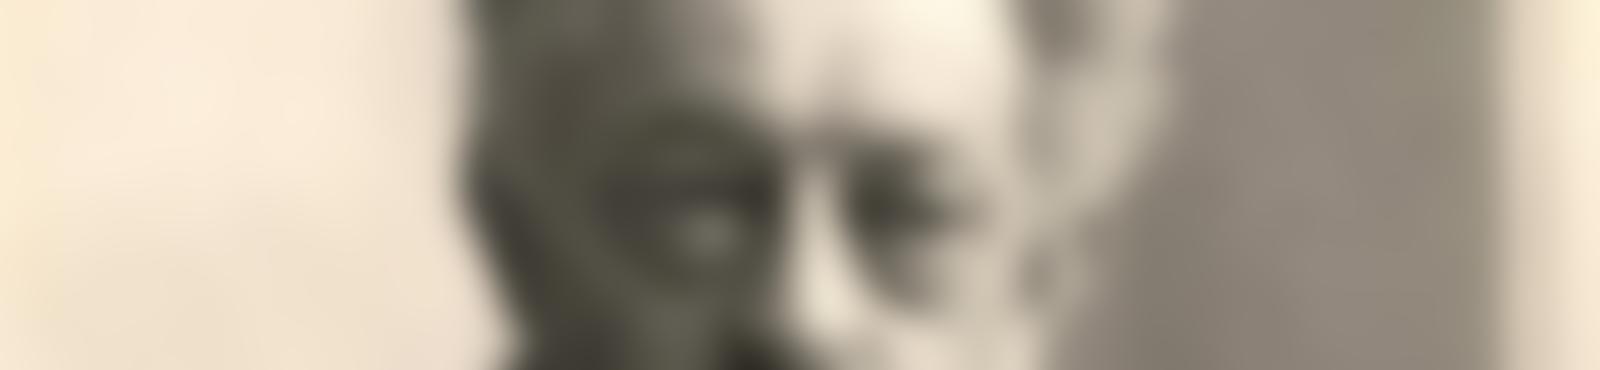 Blurred ae87f996 f8f2 4761 a5a7 033765bdc5d7